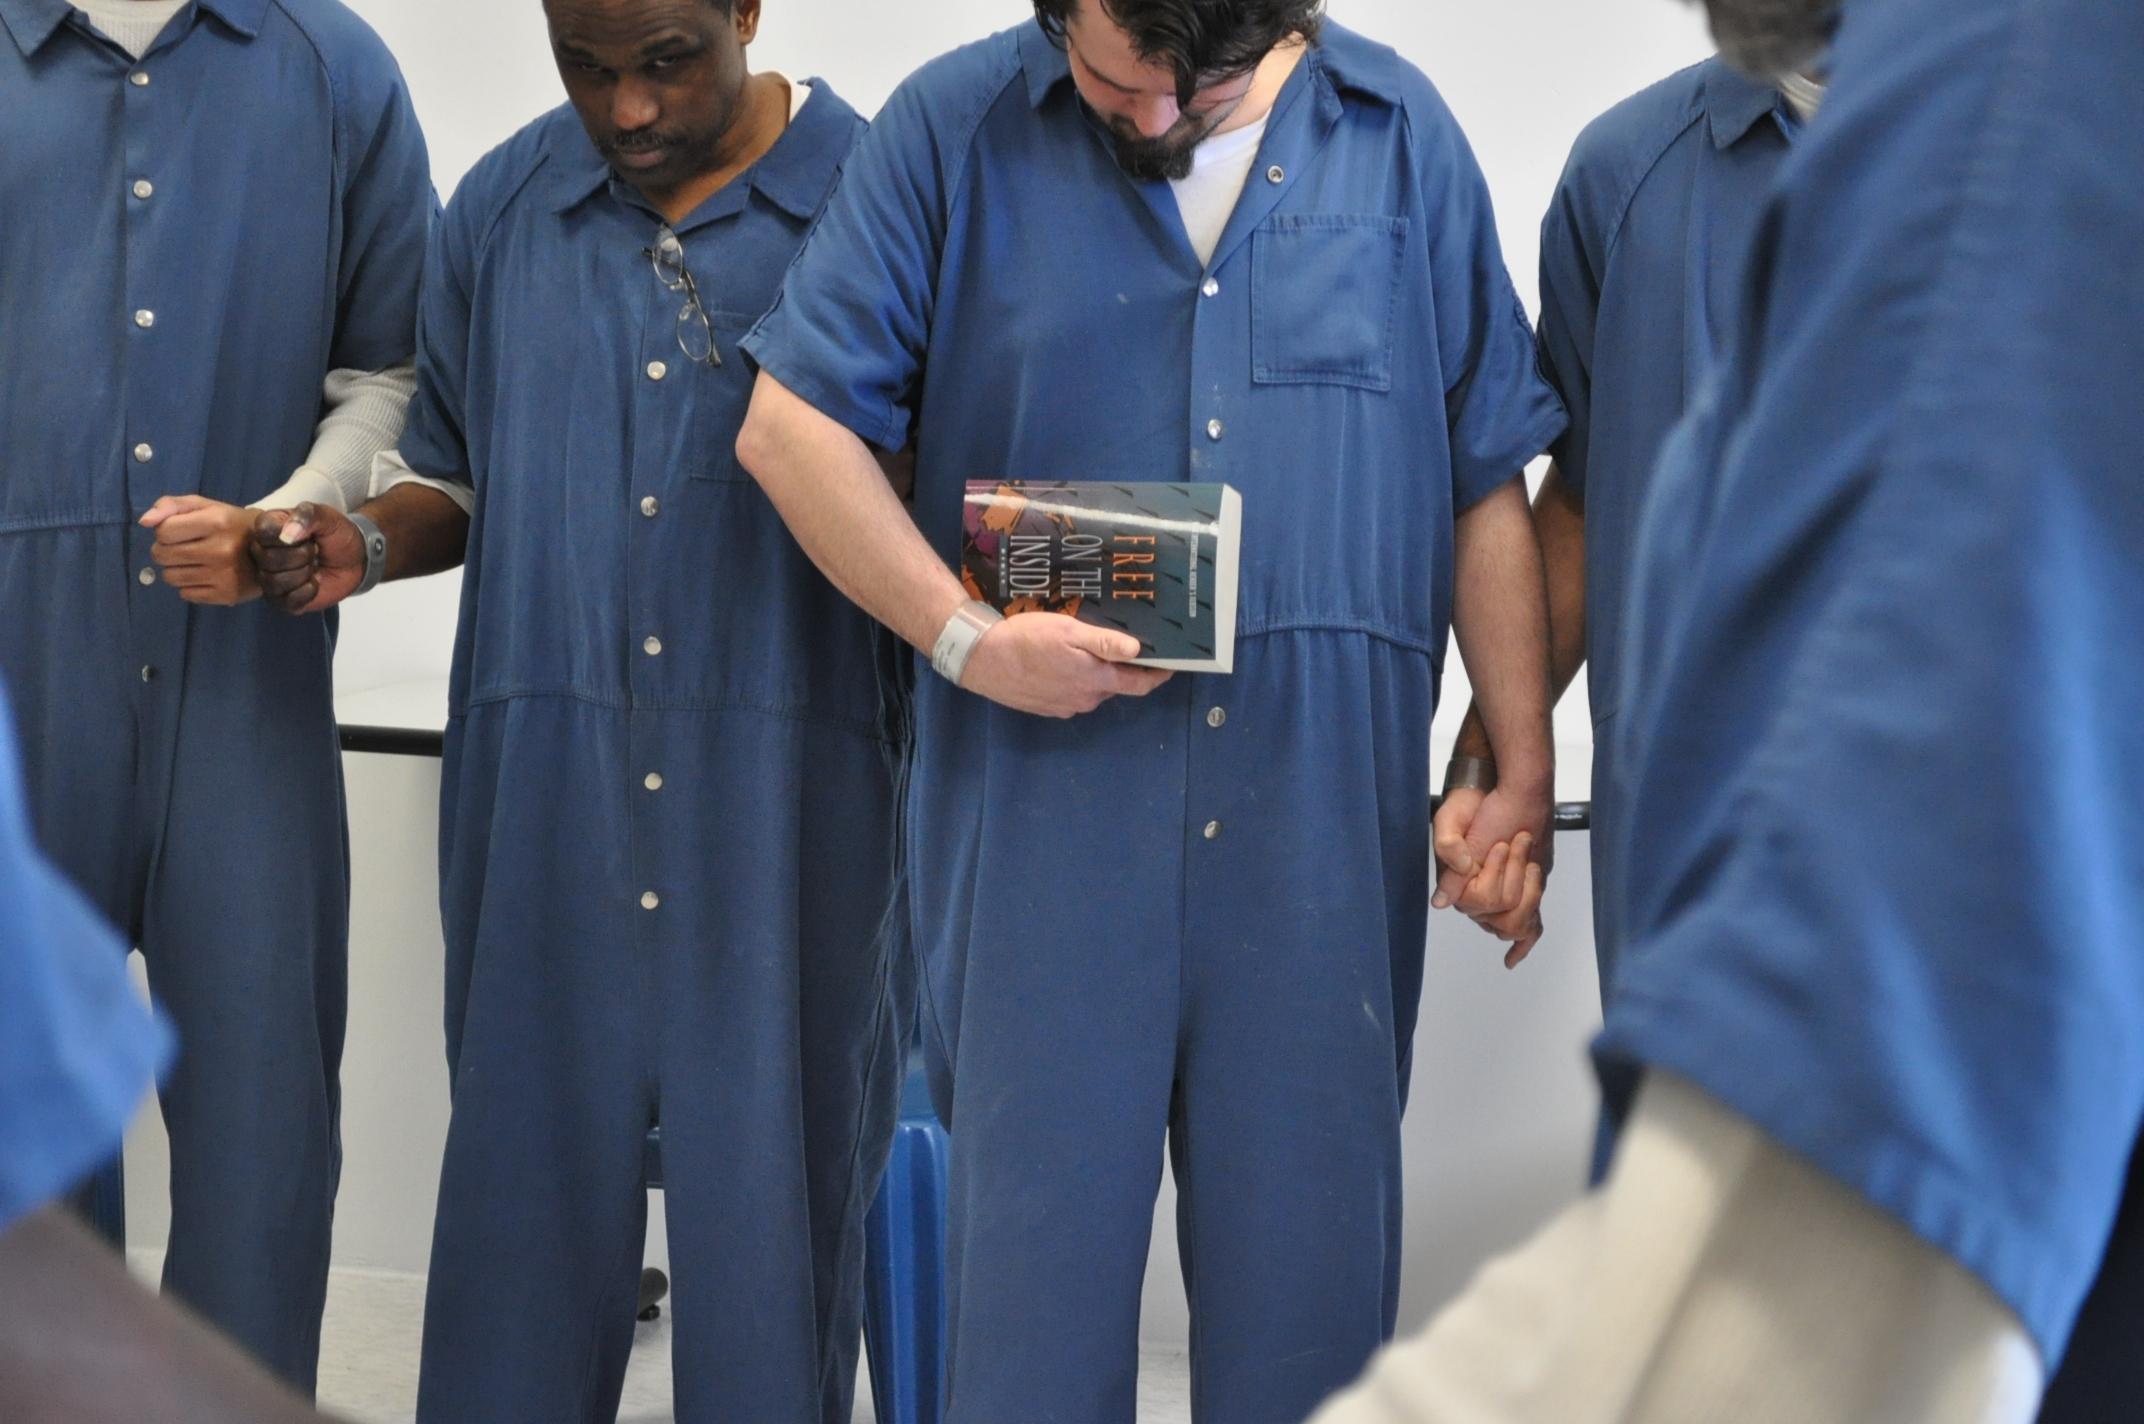 Spiritual freedom through prison ministry